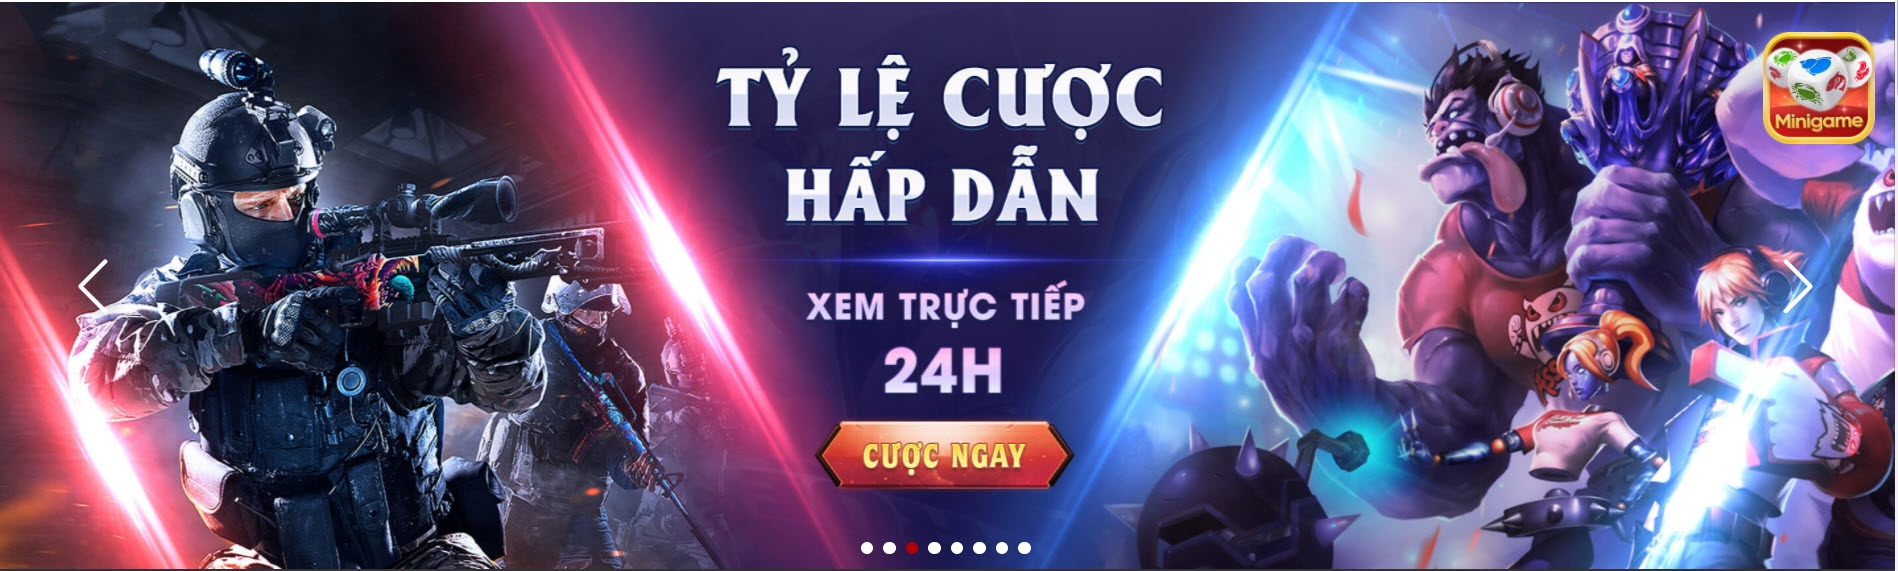 Kiemtieu Việt Nam (@kiemtieu) Cover Image